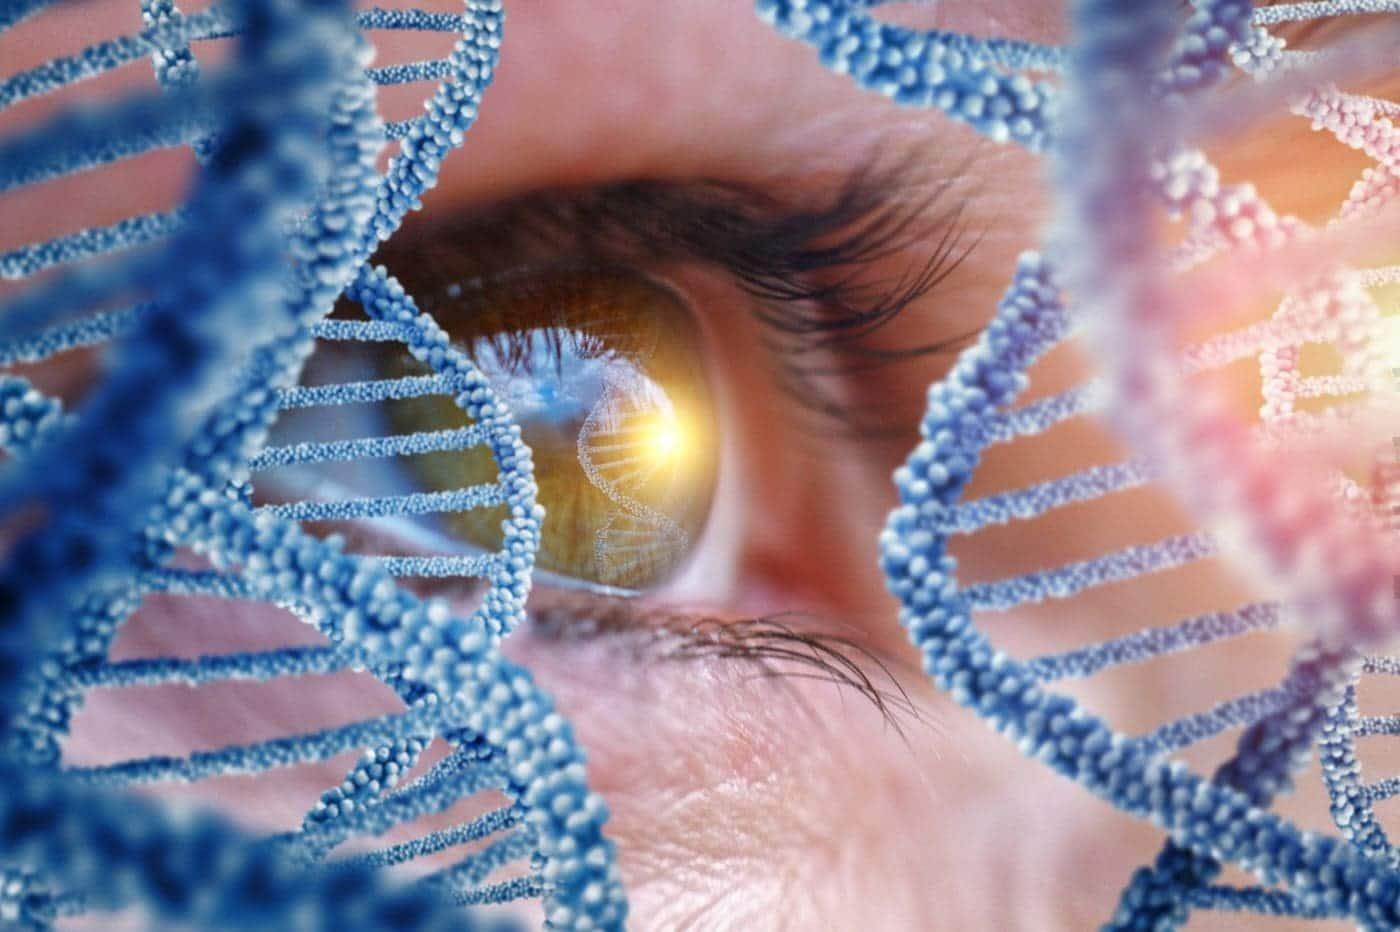 La thérapie génique montre des résultats très prometteurs pour traiter la cécité infantile